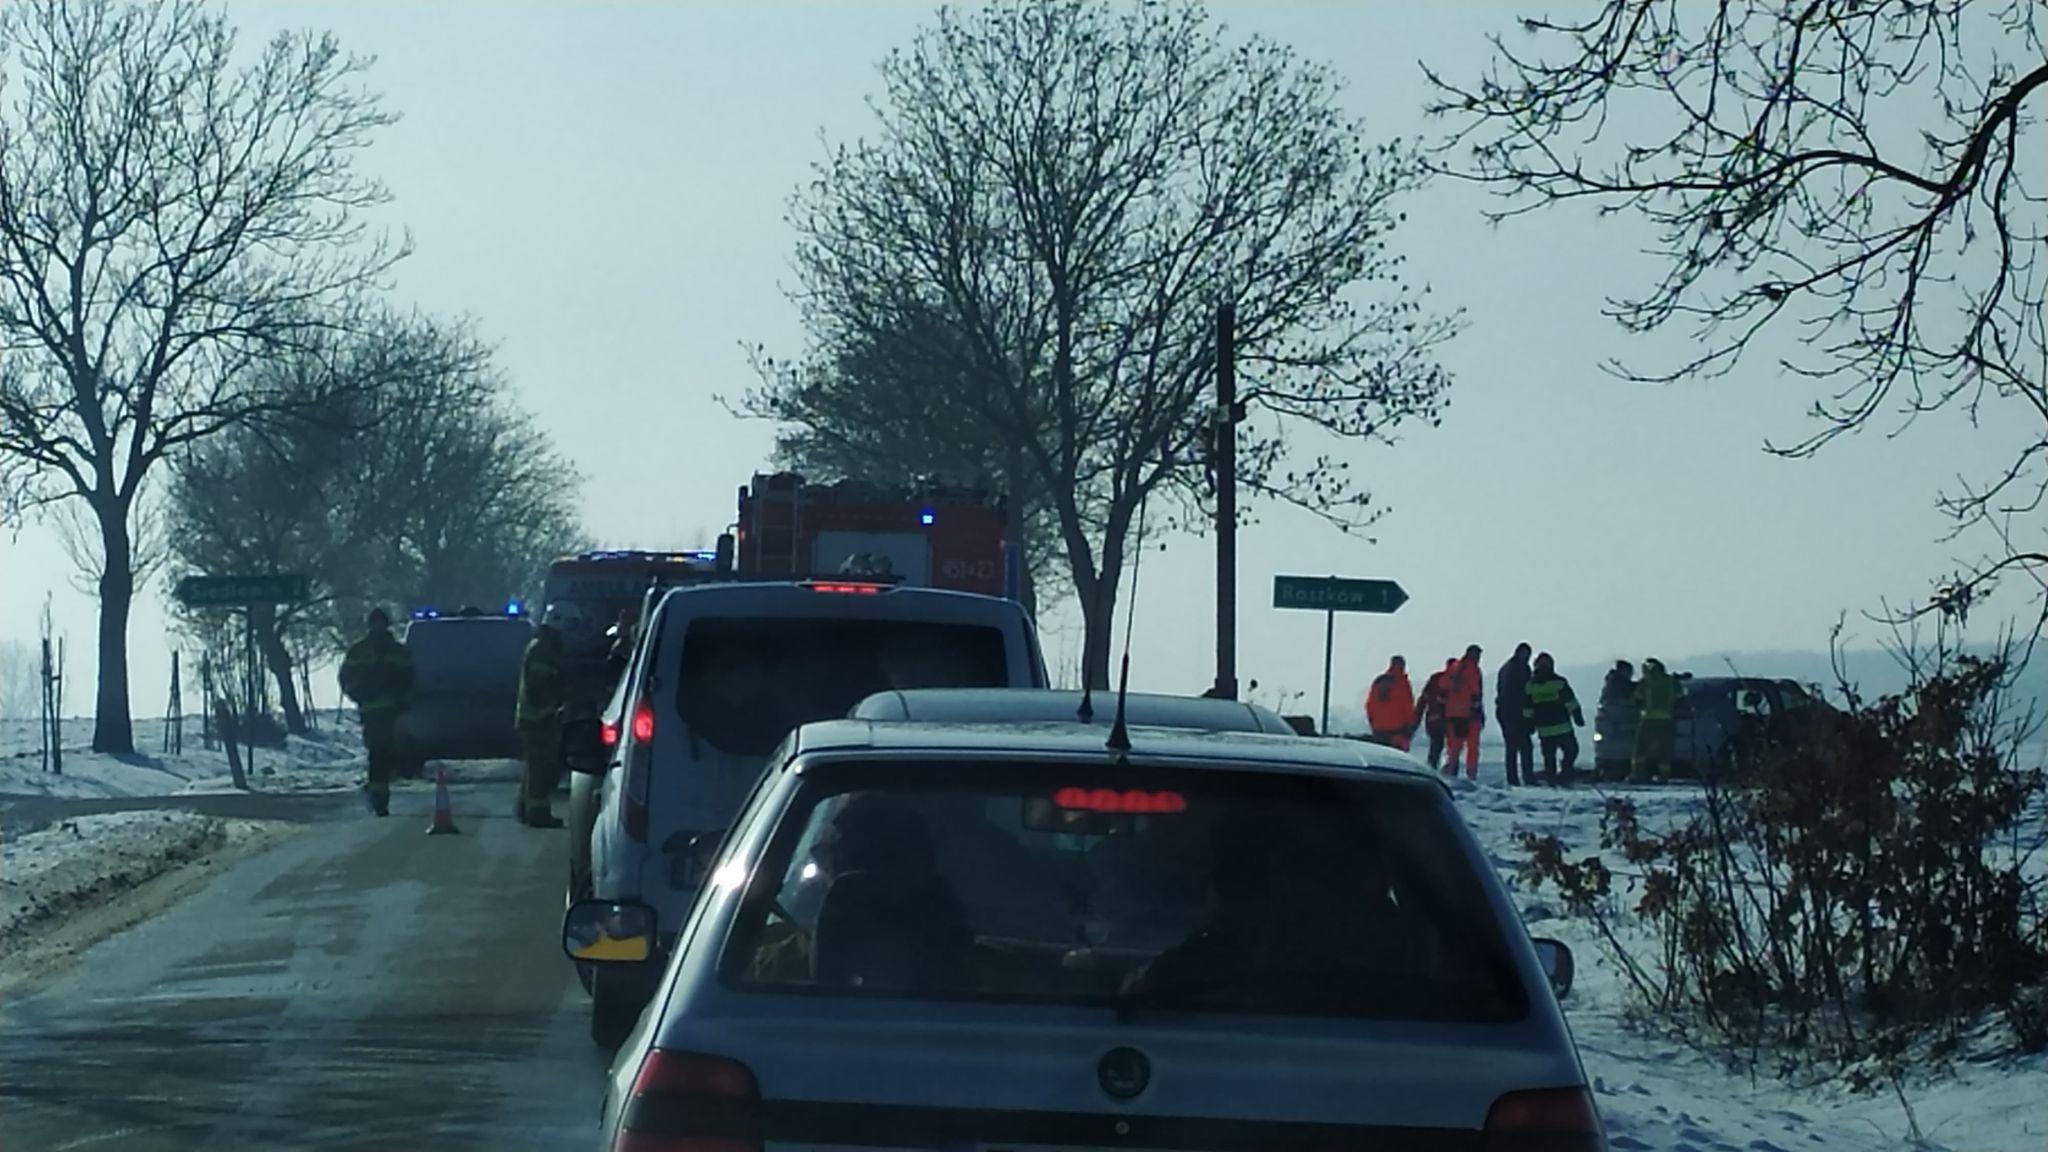 Zderzenie dwóch pojazdów na skrzyżowaniu  - Zdjęcie główne